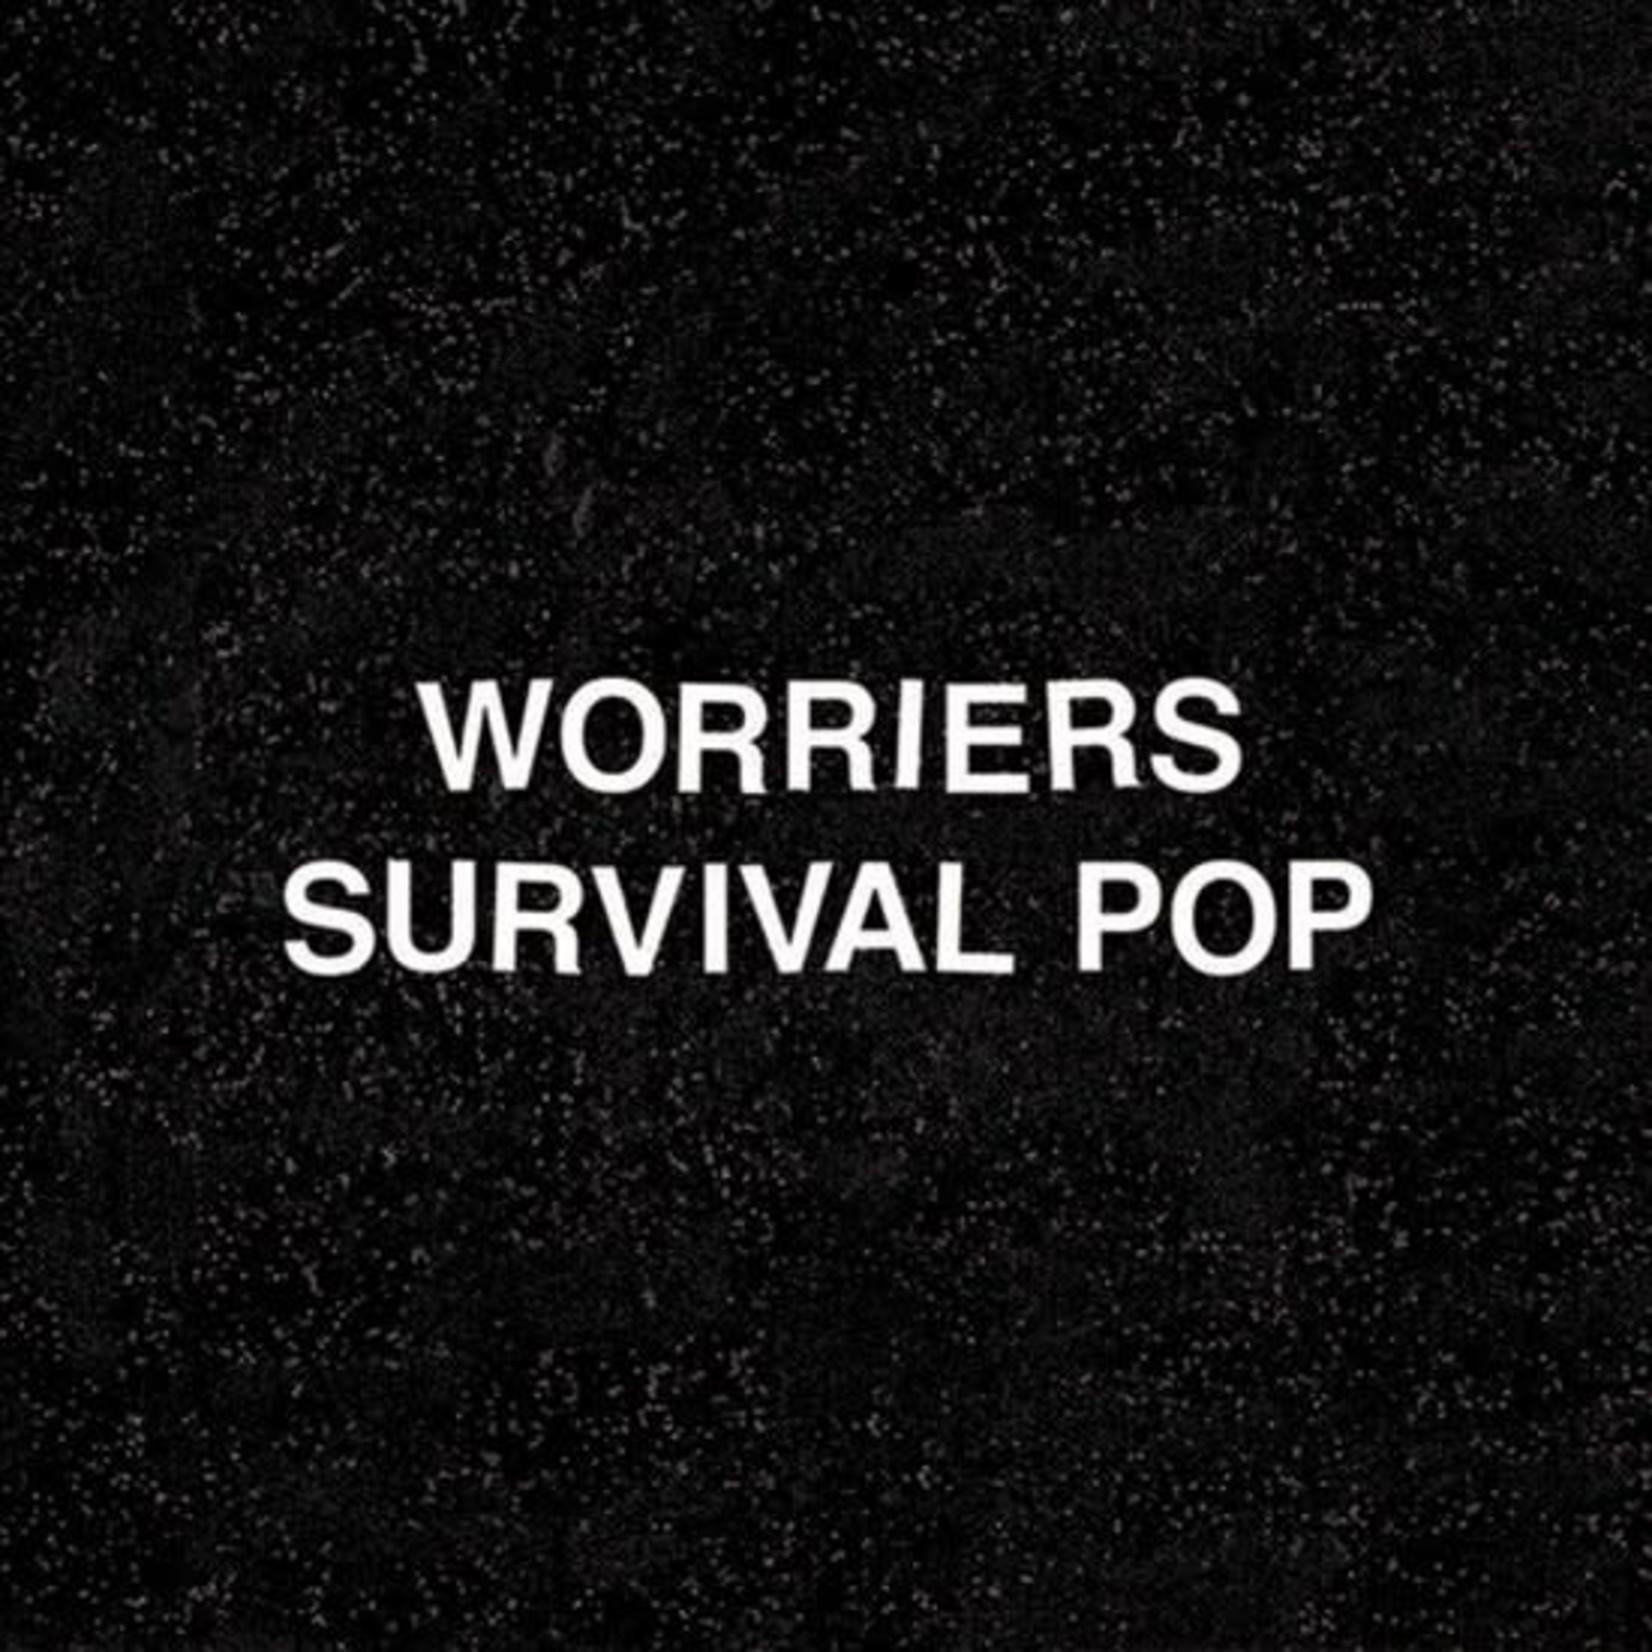 Worriers - Survival pop   (VINYL)